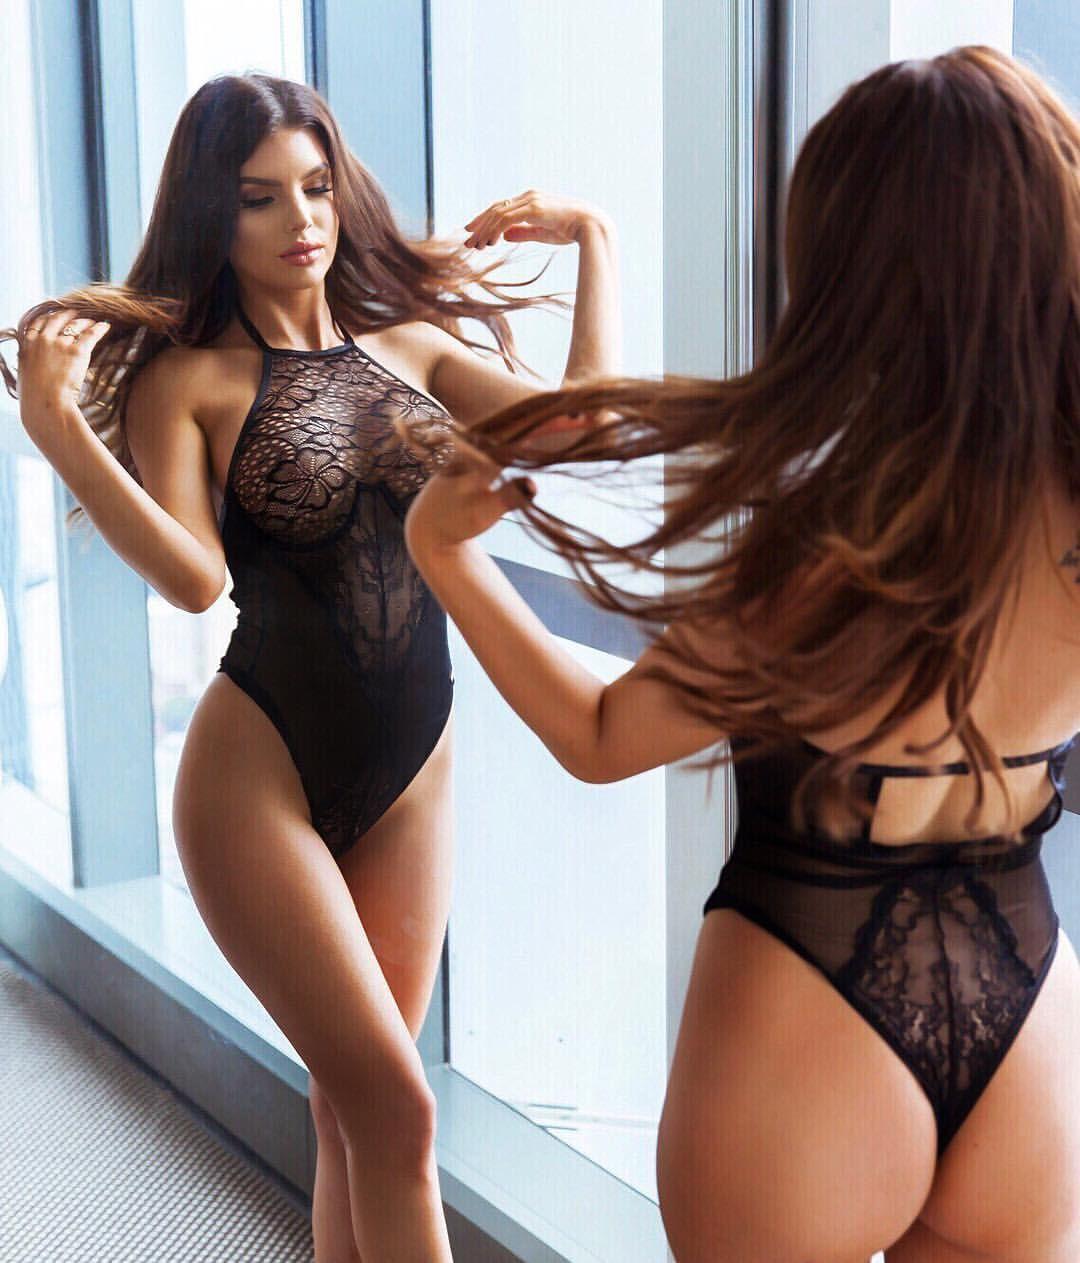 Instagram Sophia Leger Valere nudes (98 photo), Topless, Hot, Selfie, braless 2018